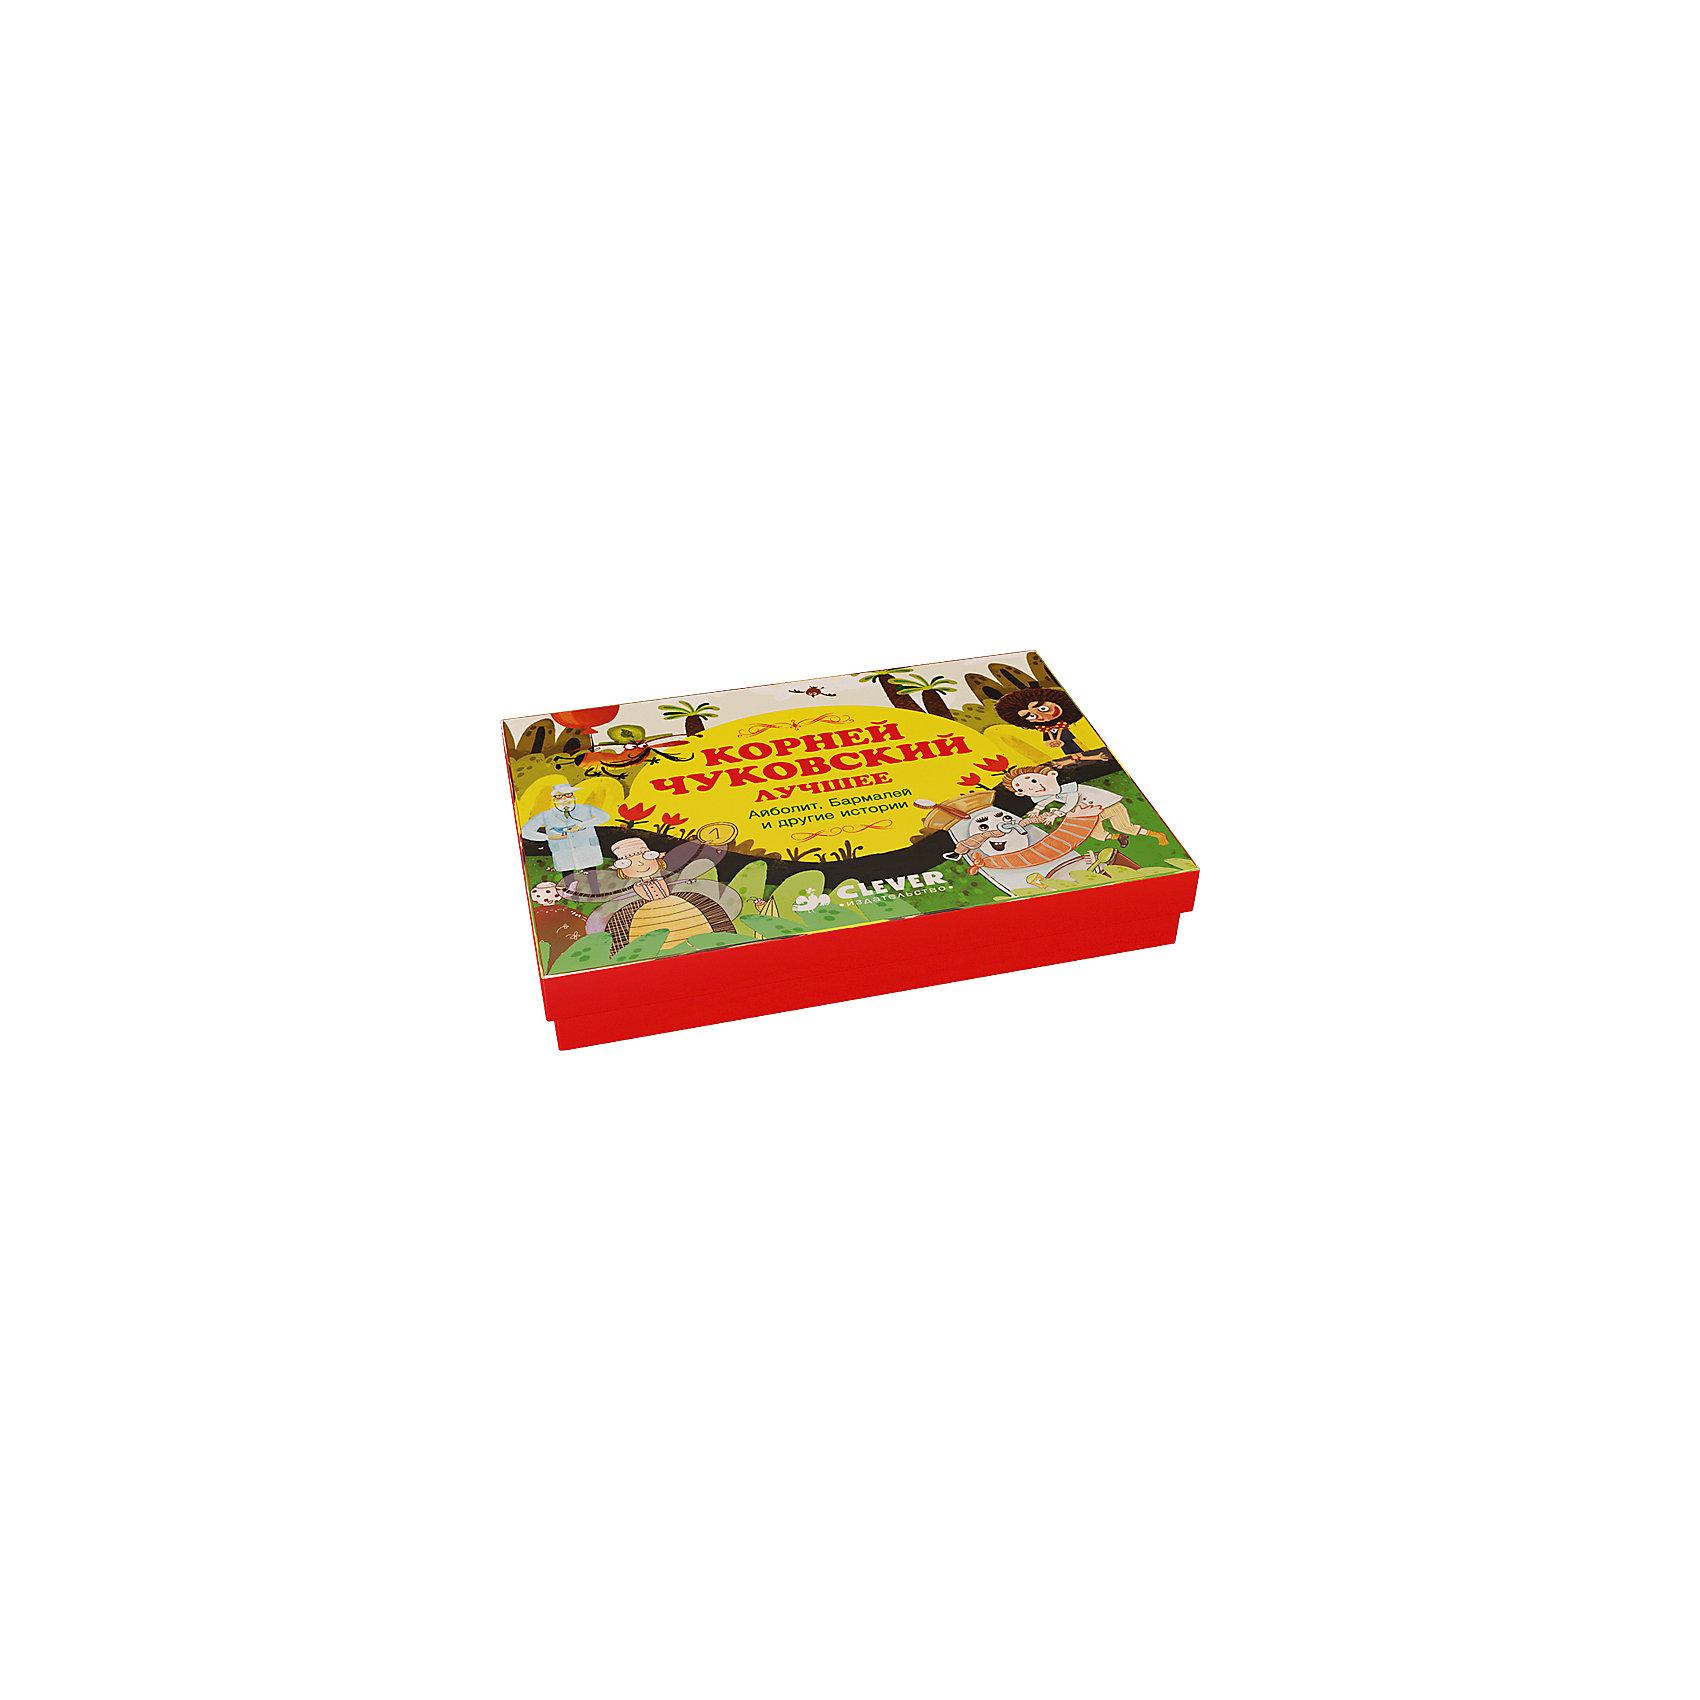 Clever Шкатулка со сказками Лучшее, Чуковский clever книга чуковский к и тараканище с 3 лет